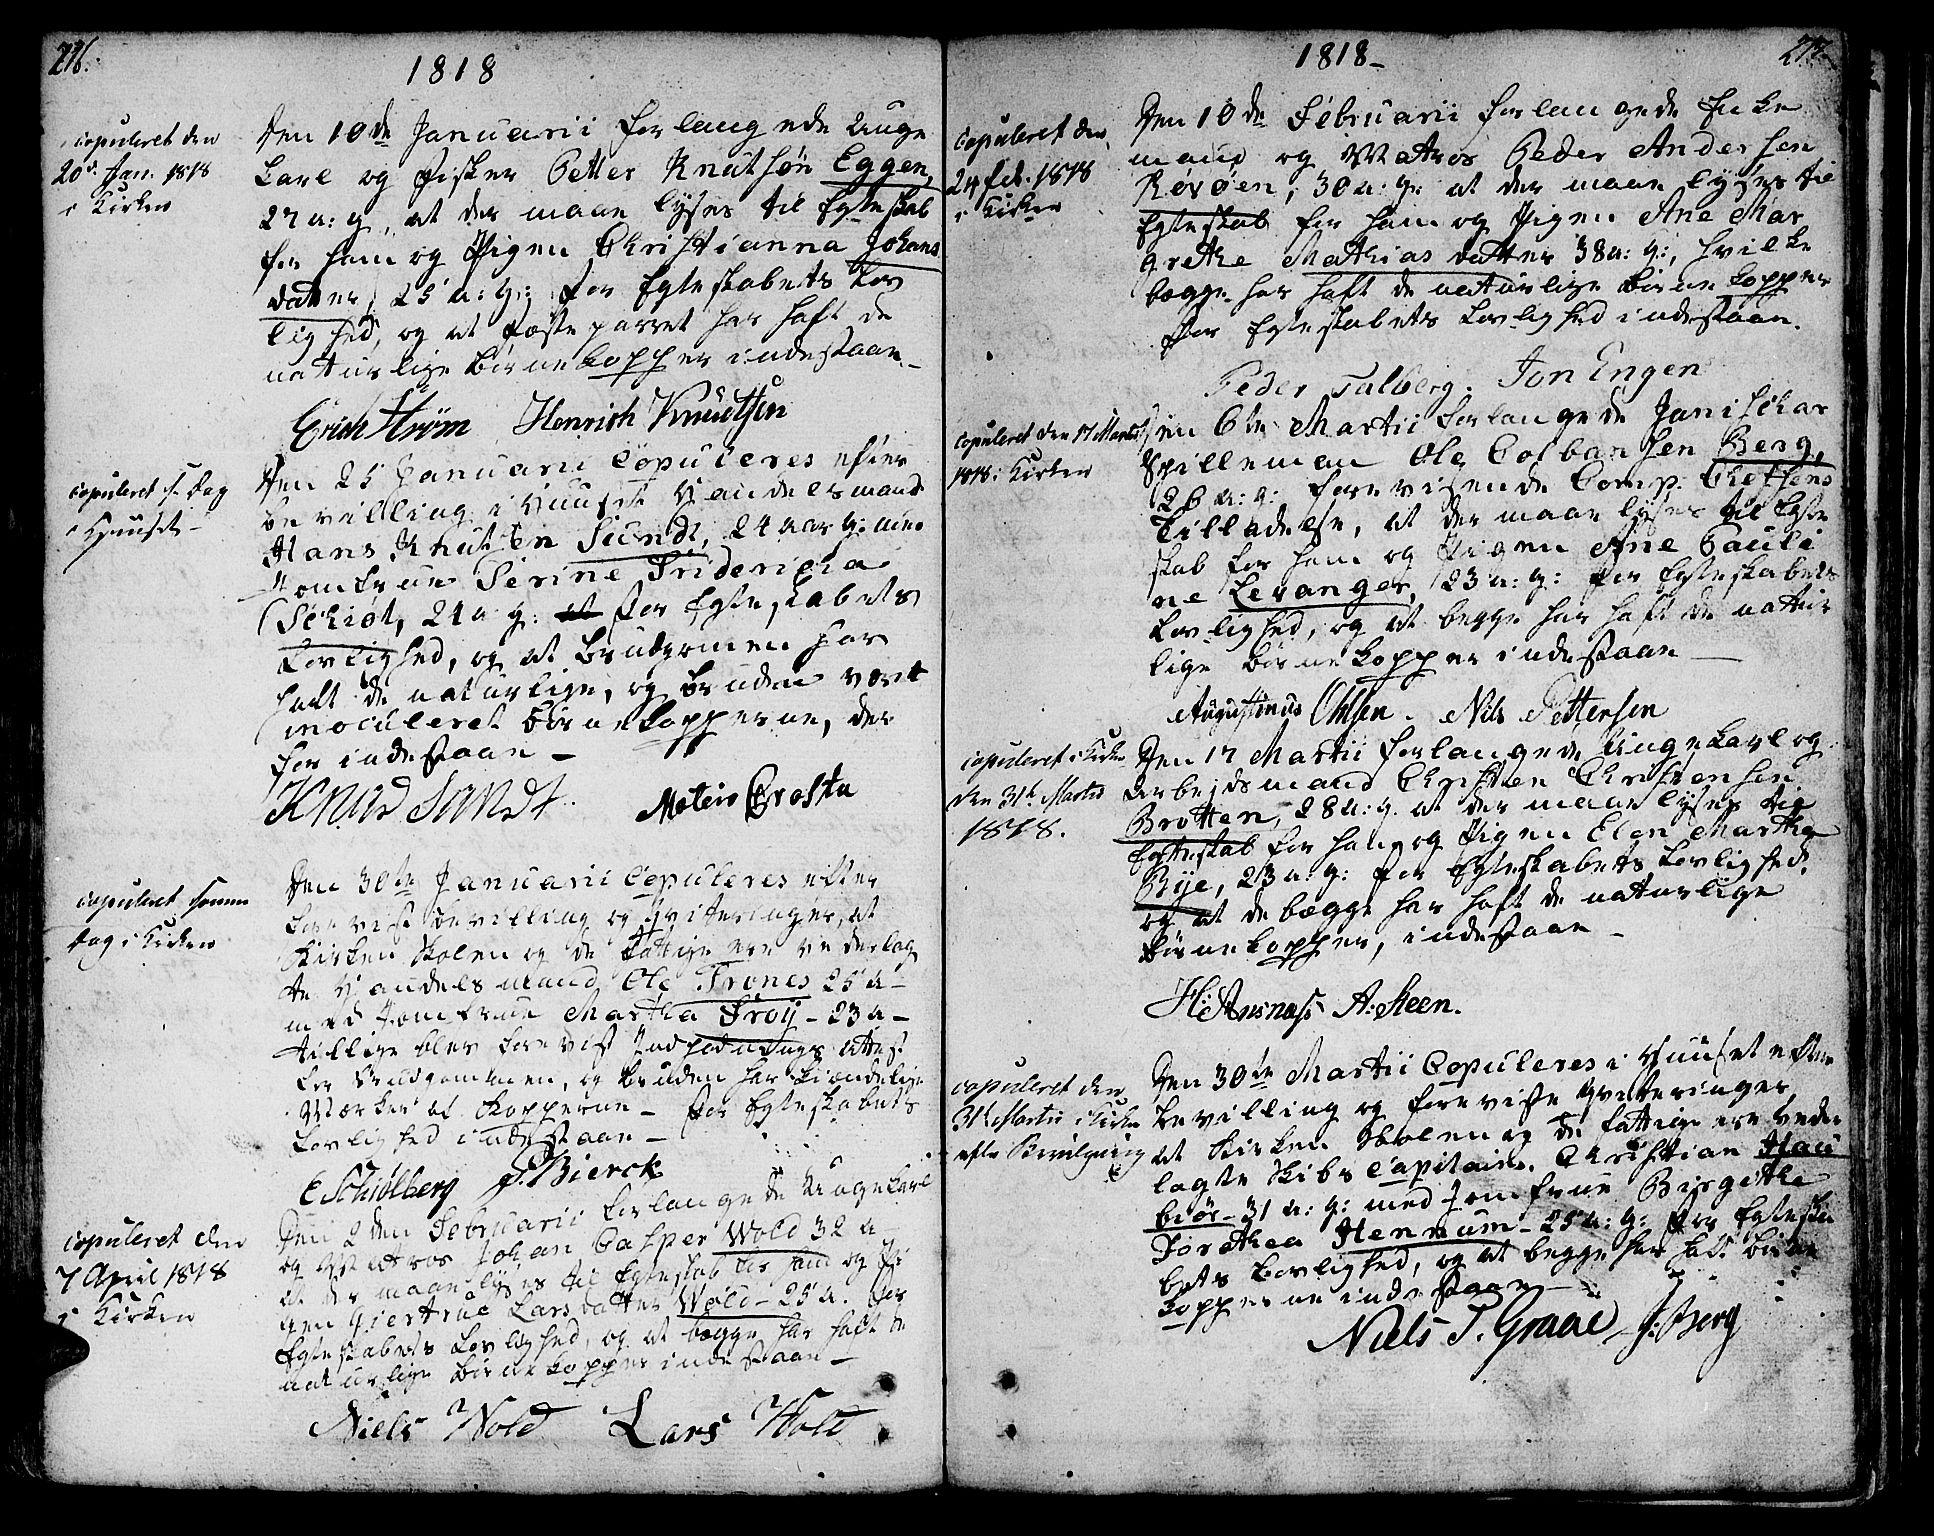 SAT, Ministerialprotokoller, klokkerbøker og fødselsregistre - Sør-Trøndelag, 601/L0042: Ministerialbok nr. 601A10, 1802-1830, s. 216-217